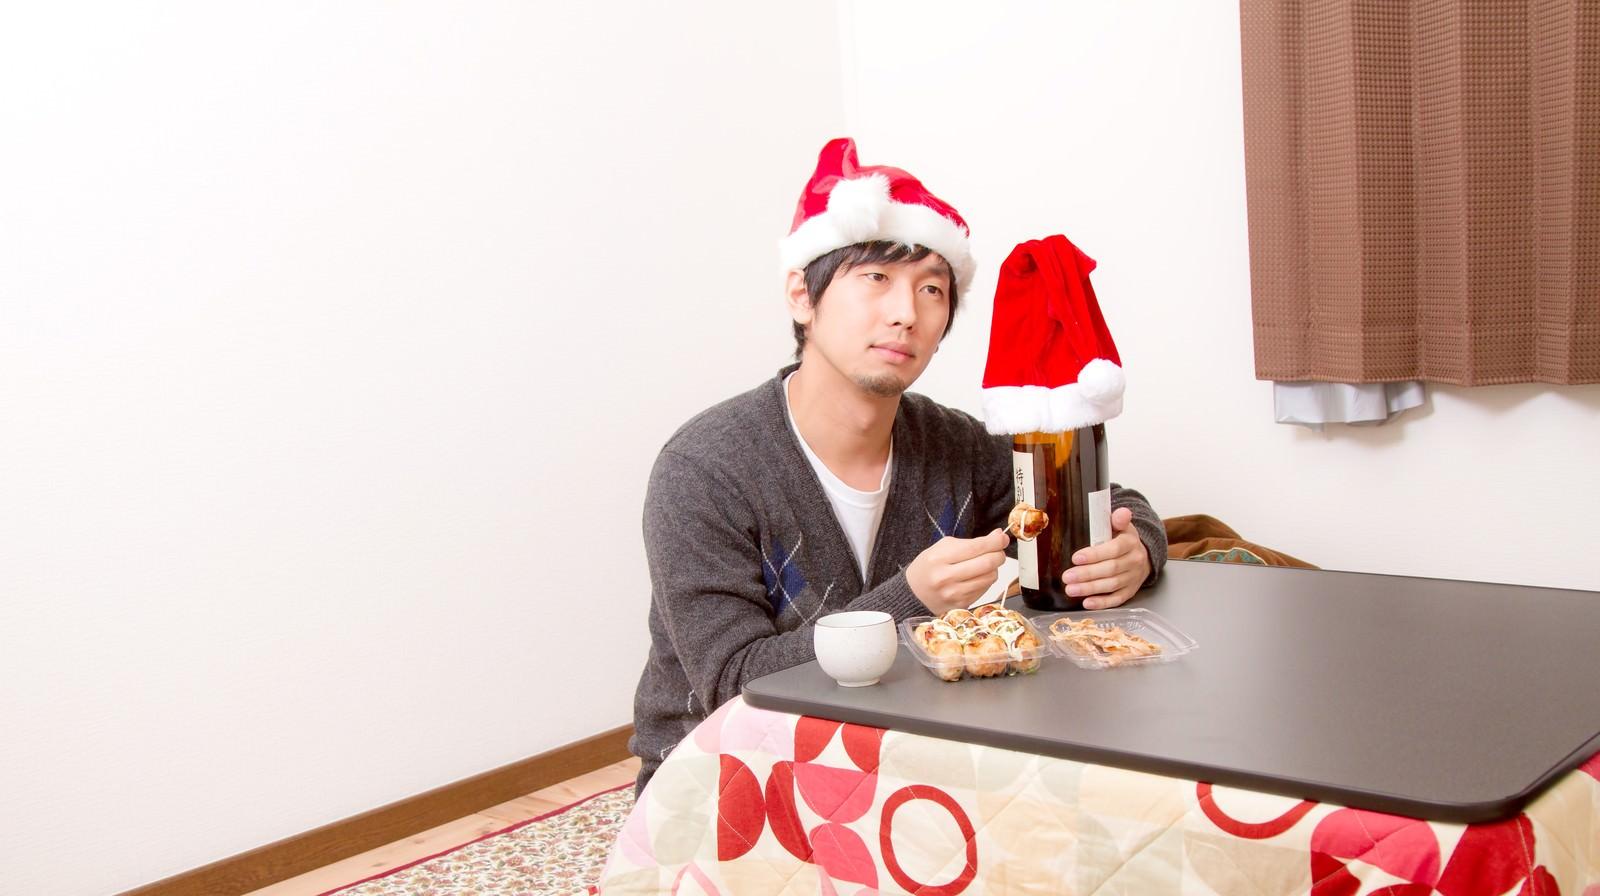 「コタツで寂しくクリスマスを過ごす男性コタツで寂しくクリスマスを過ごす男性」[モデル:大川竜弥]のフリー写真素材を拡大